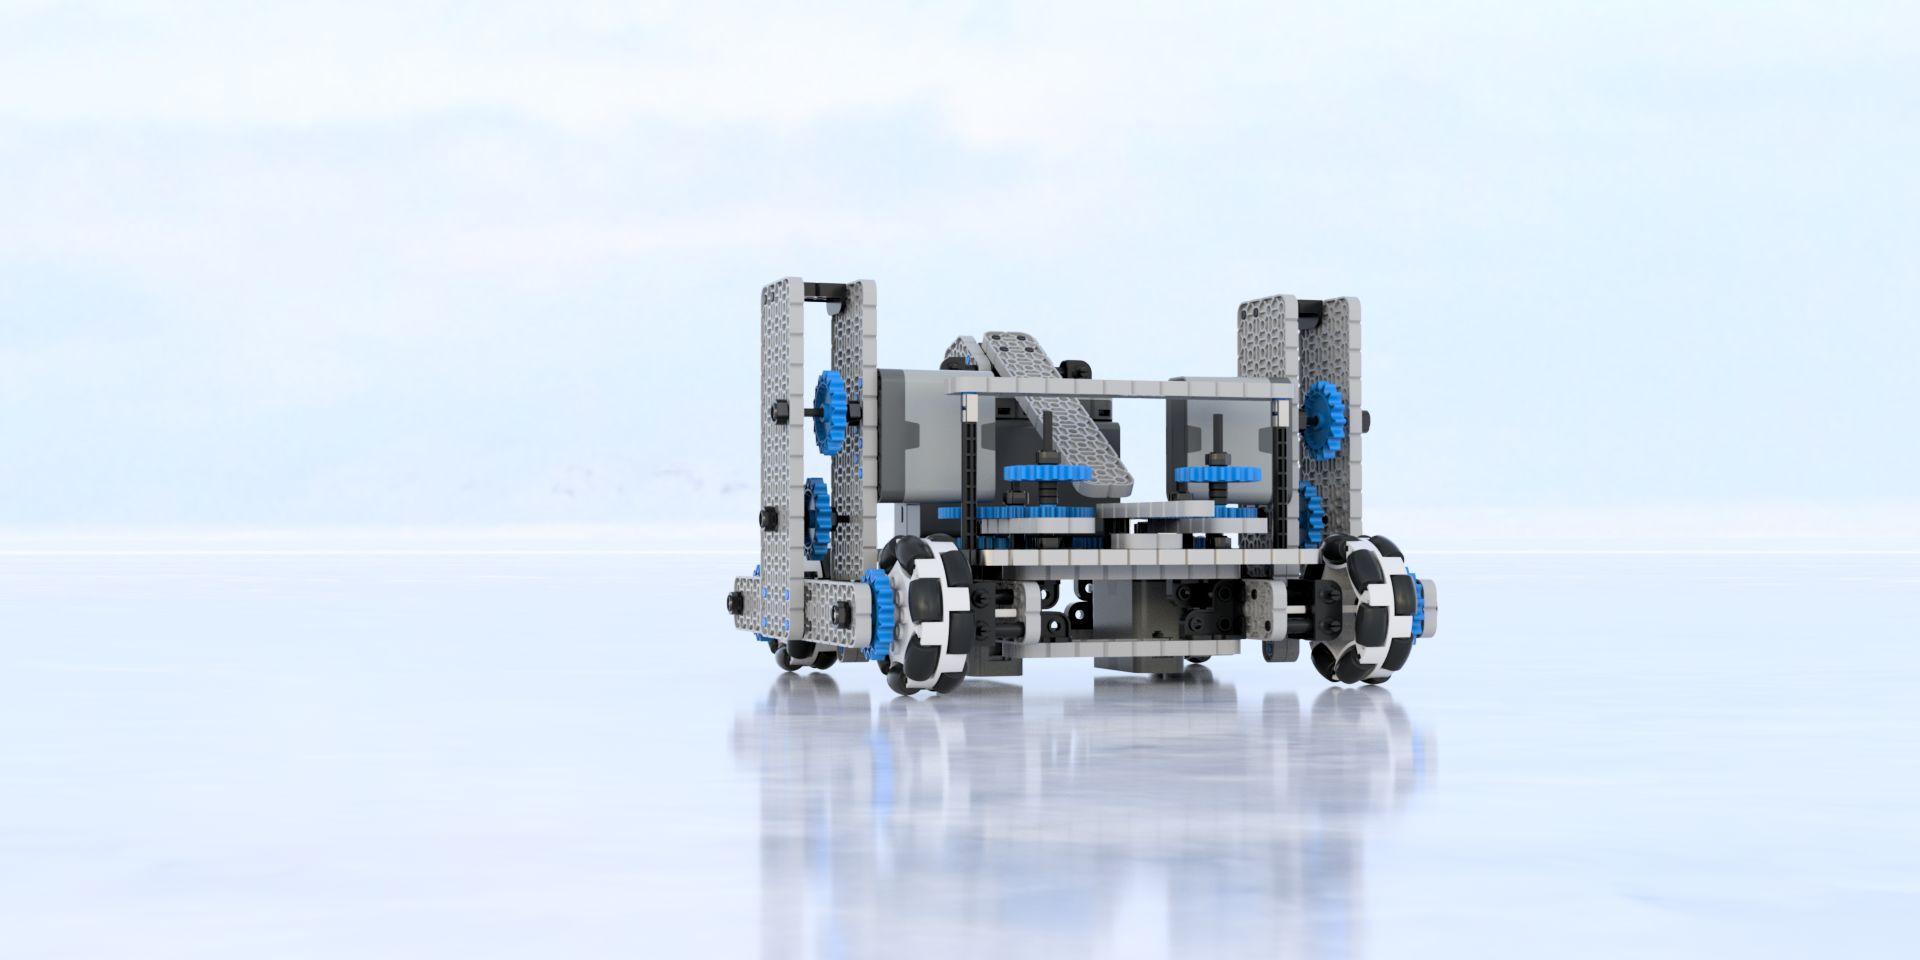 Vex-iq---ball-trigger-robot-24lcs---fabrica-de-nerdes-c-3500-3500